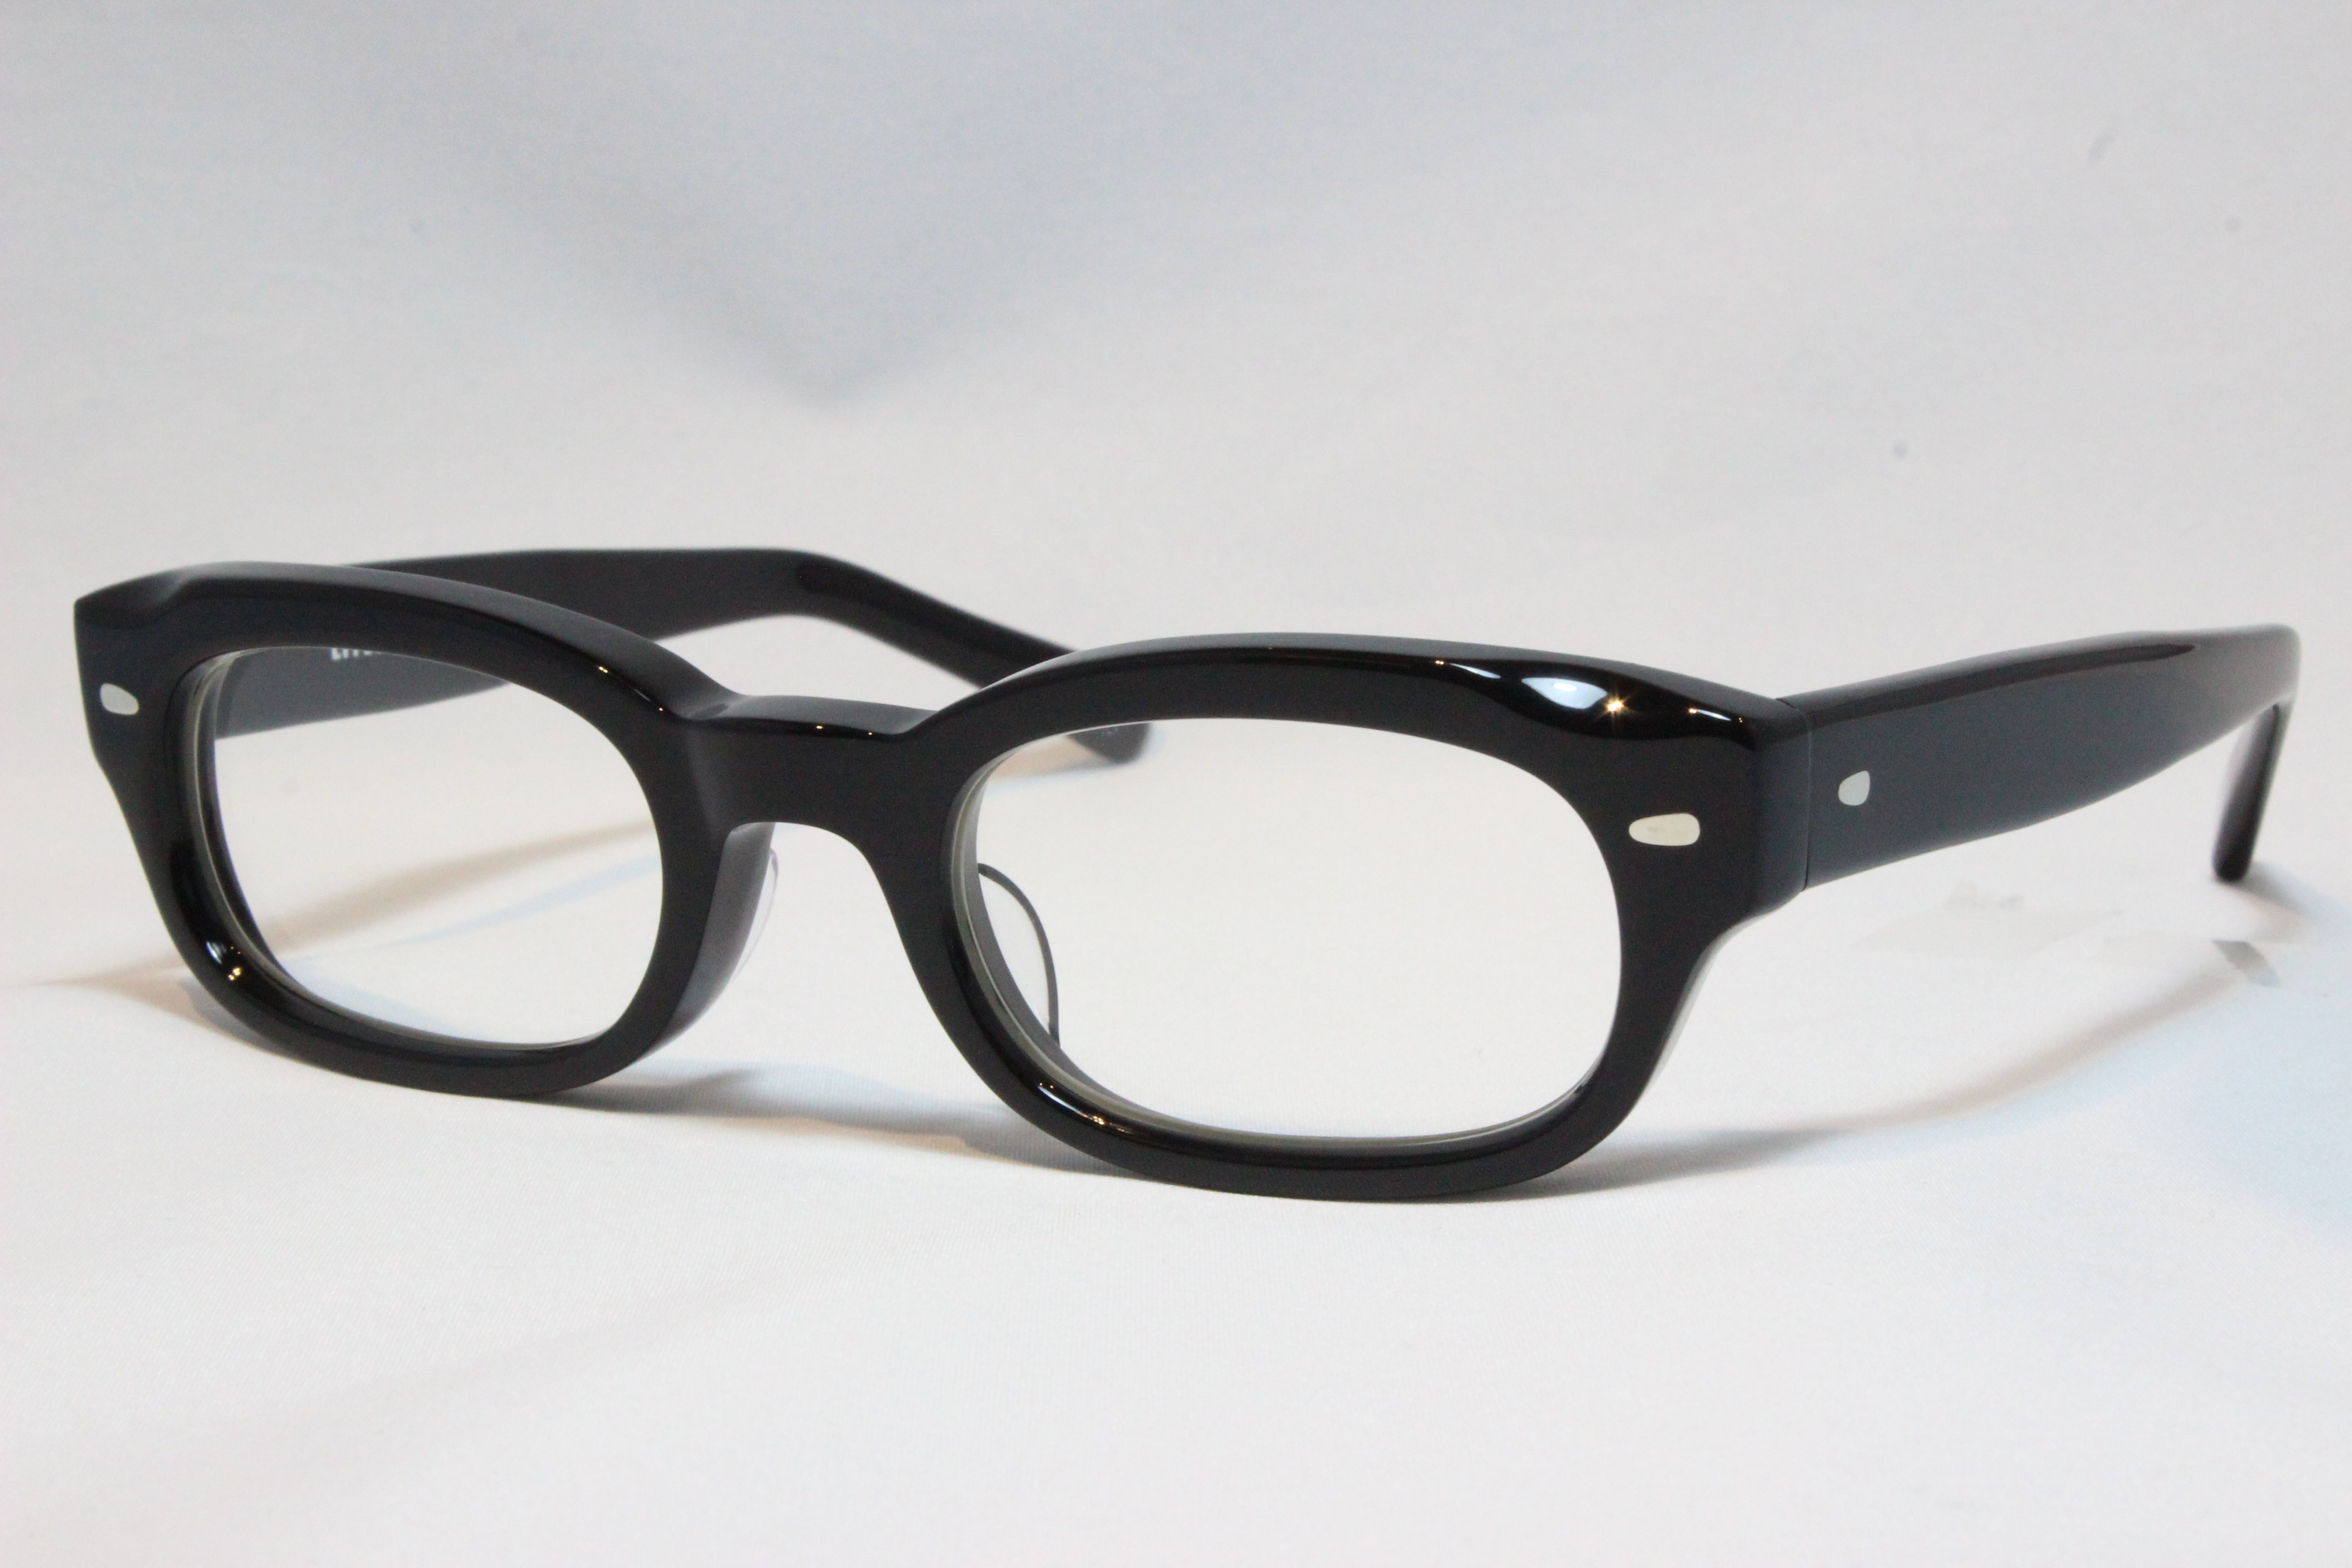 エフェクター クランチ メガネ EFFECTOR crunch BK (Black)